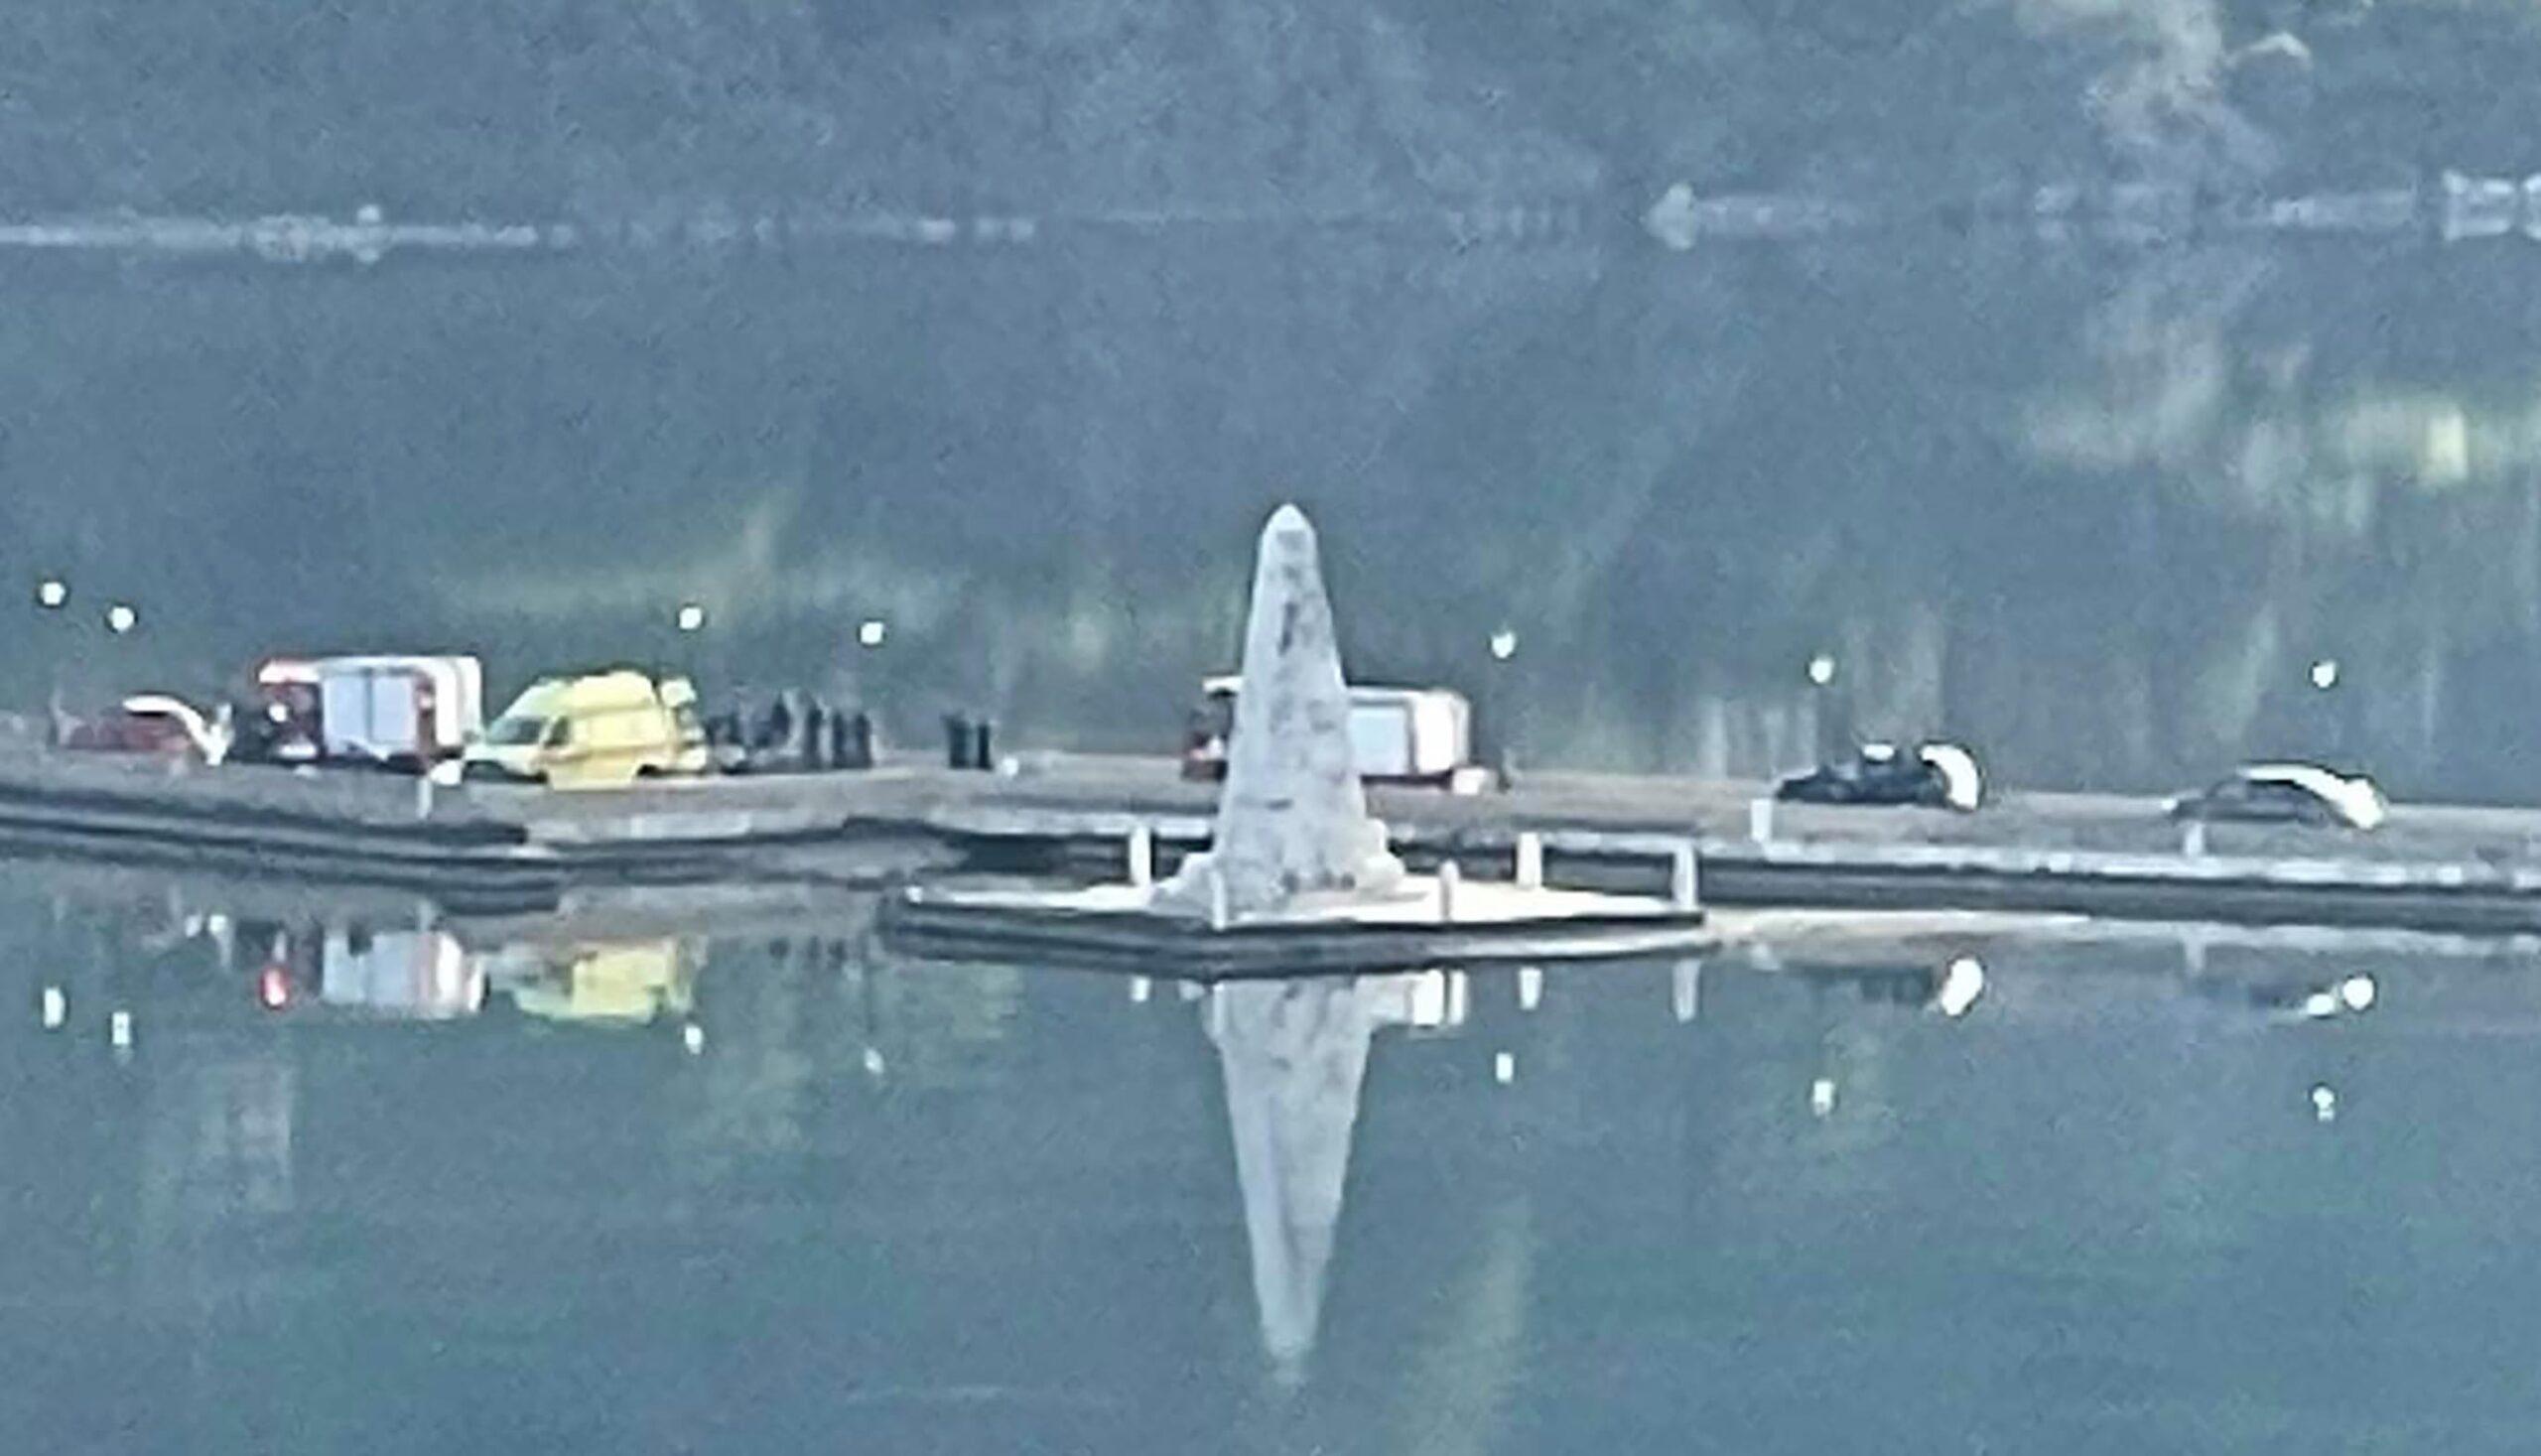 33χρονος Αλβανός ανασύρθηκε νεκρός από τα νερά της Γέφυρας, στο ύψος της Κολώνας